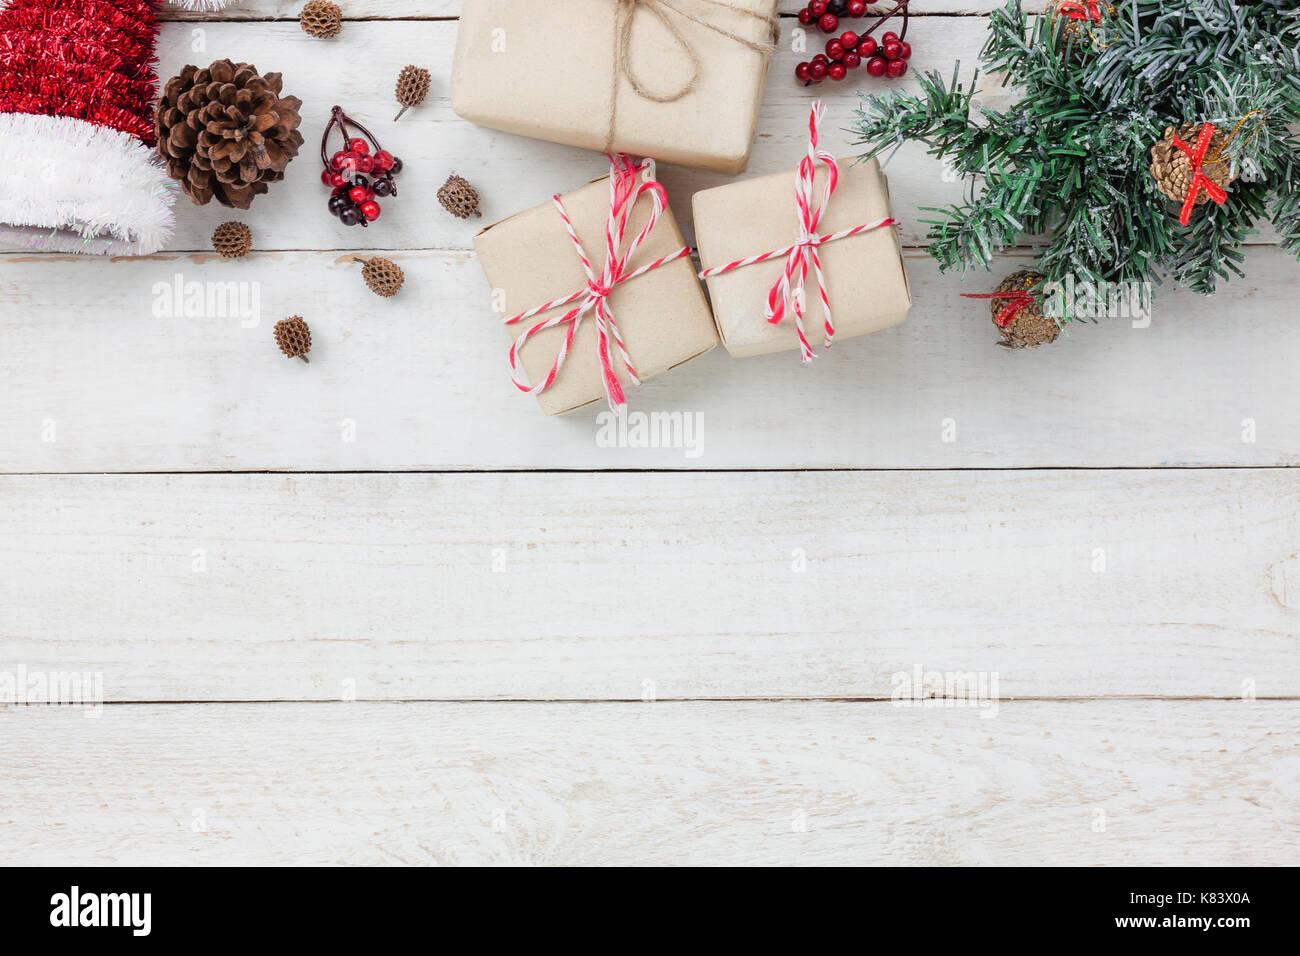 Artikel Von Weihnachten.Tabelle Blick Von Oben Auf Die Ornamente Und Dekoration Frohe